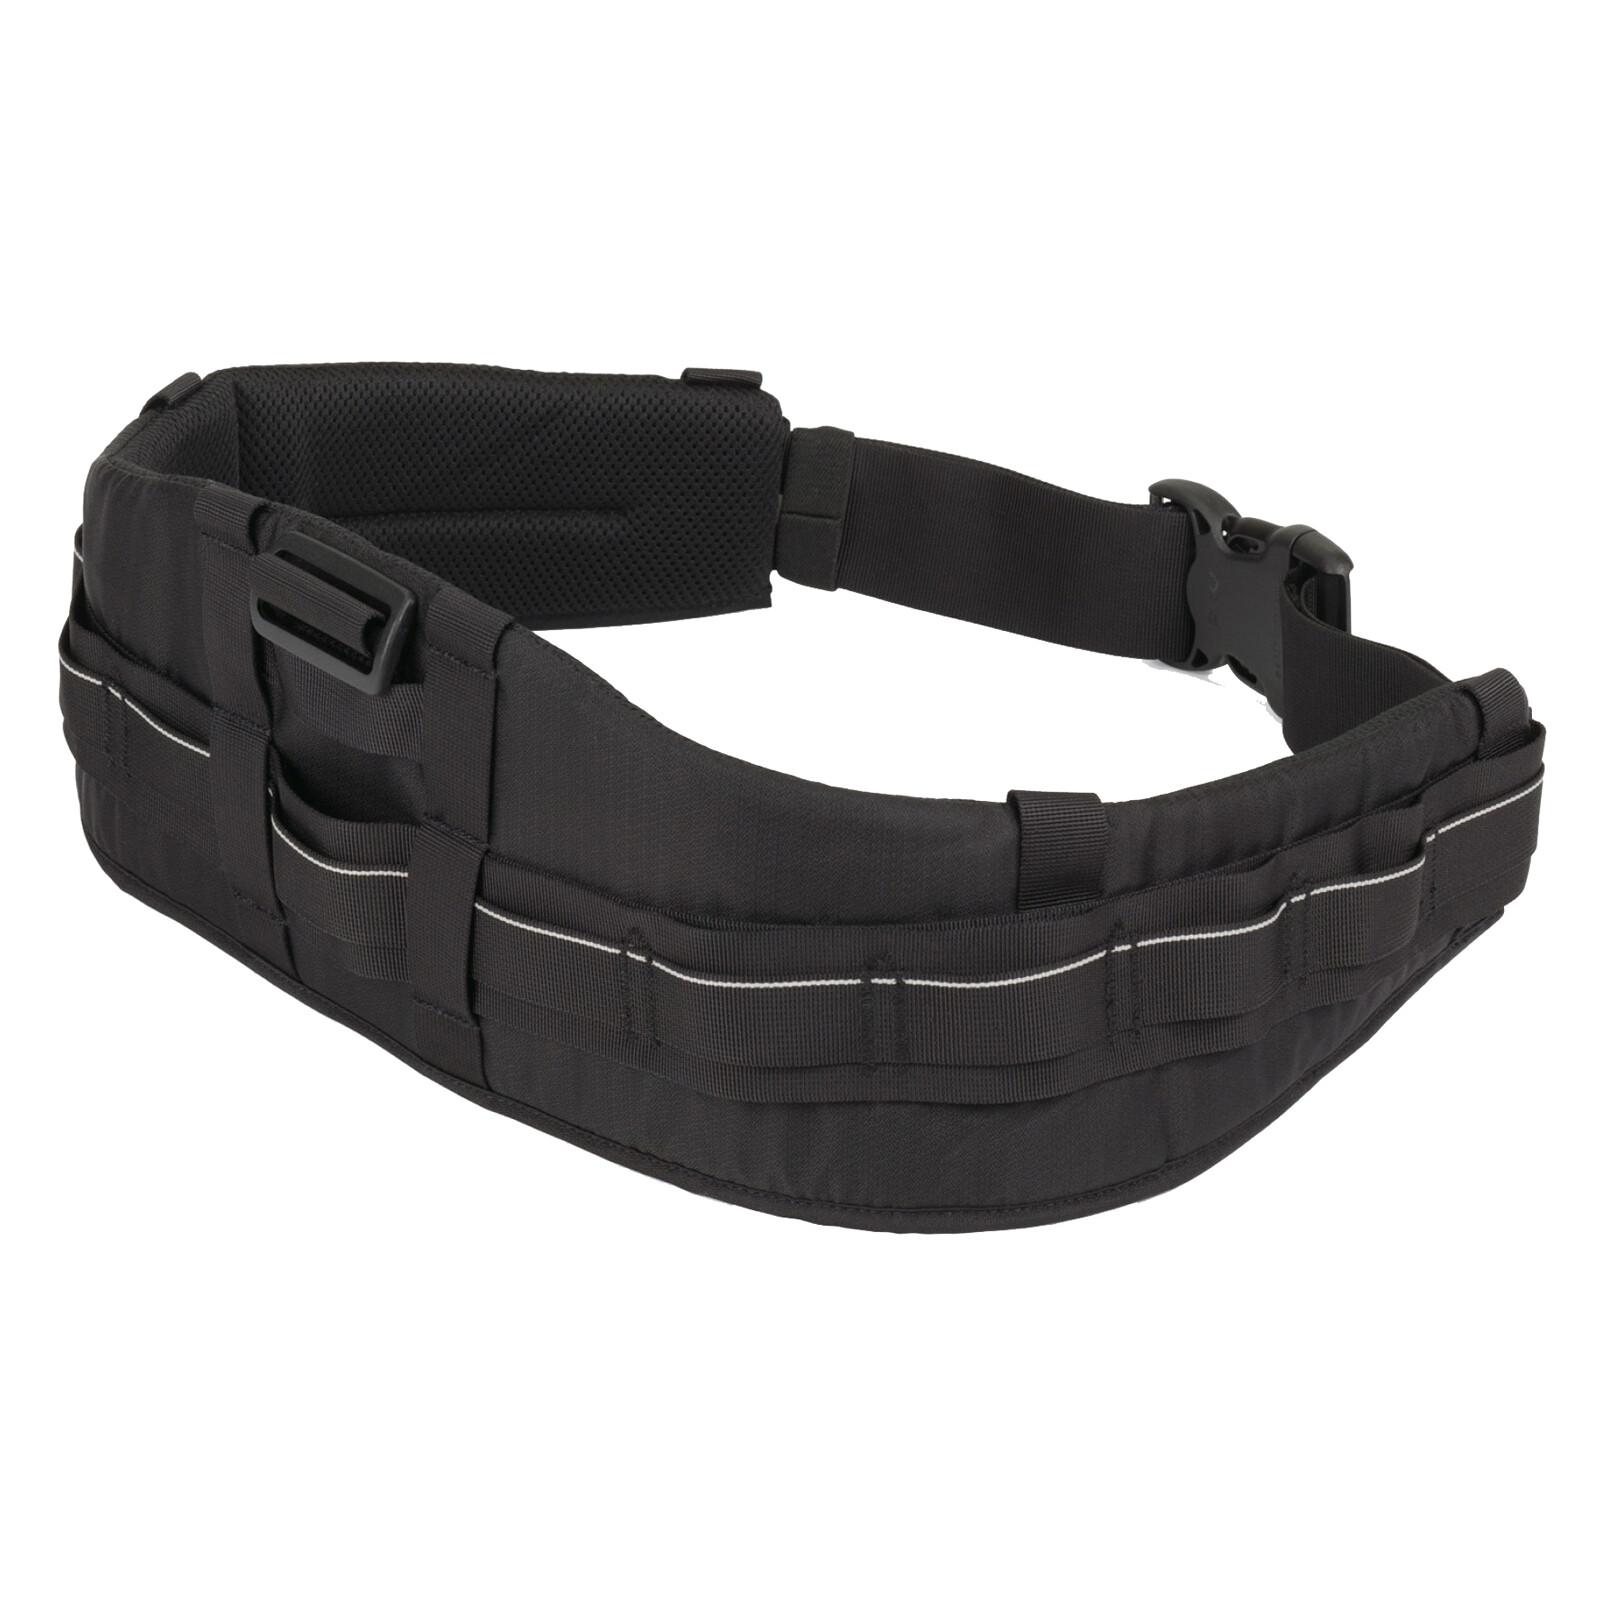 Lowepro S&F Deluxe Technical Belt S/M